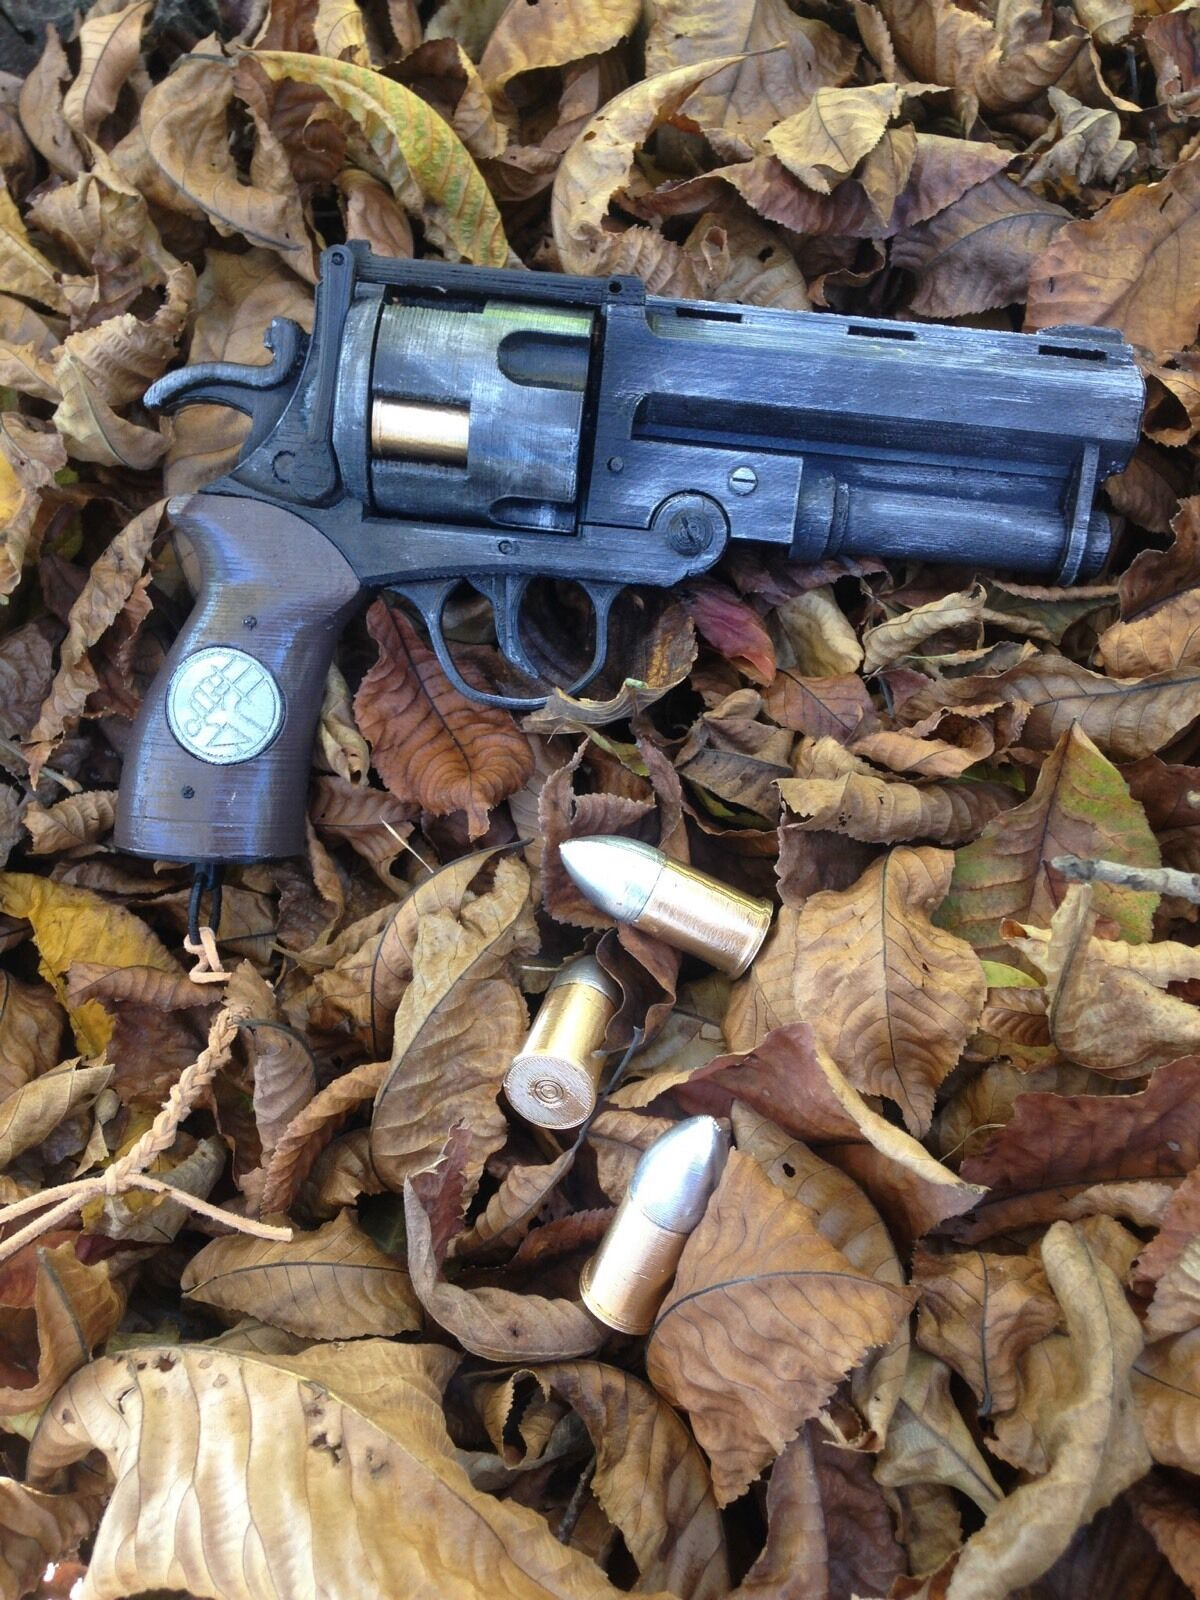 Hellboy Hell Boy Good Samaritan Revolver Gun Blaster Pistol Movie Prop Kit Model